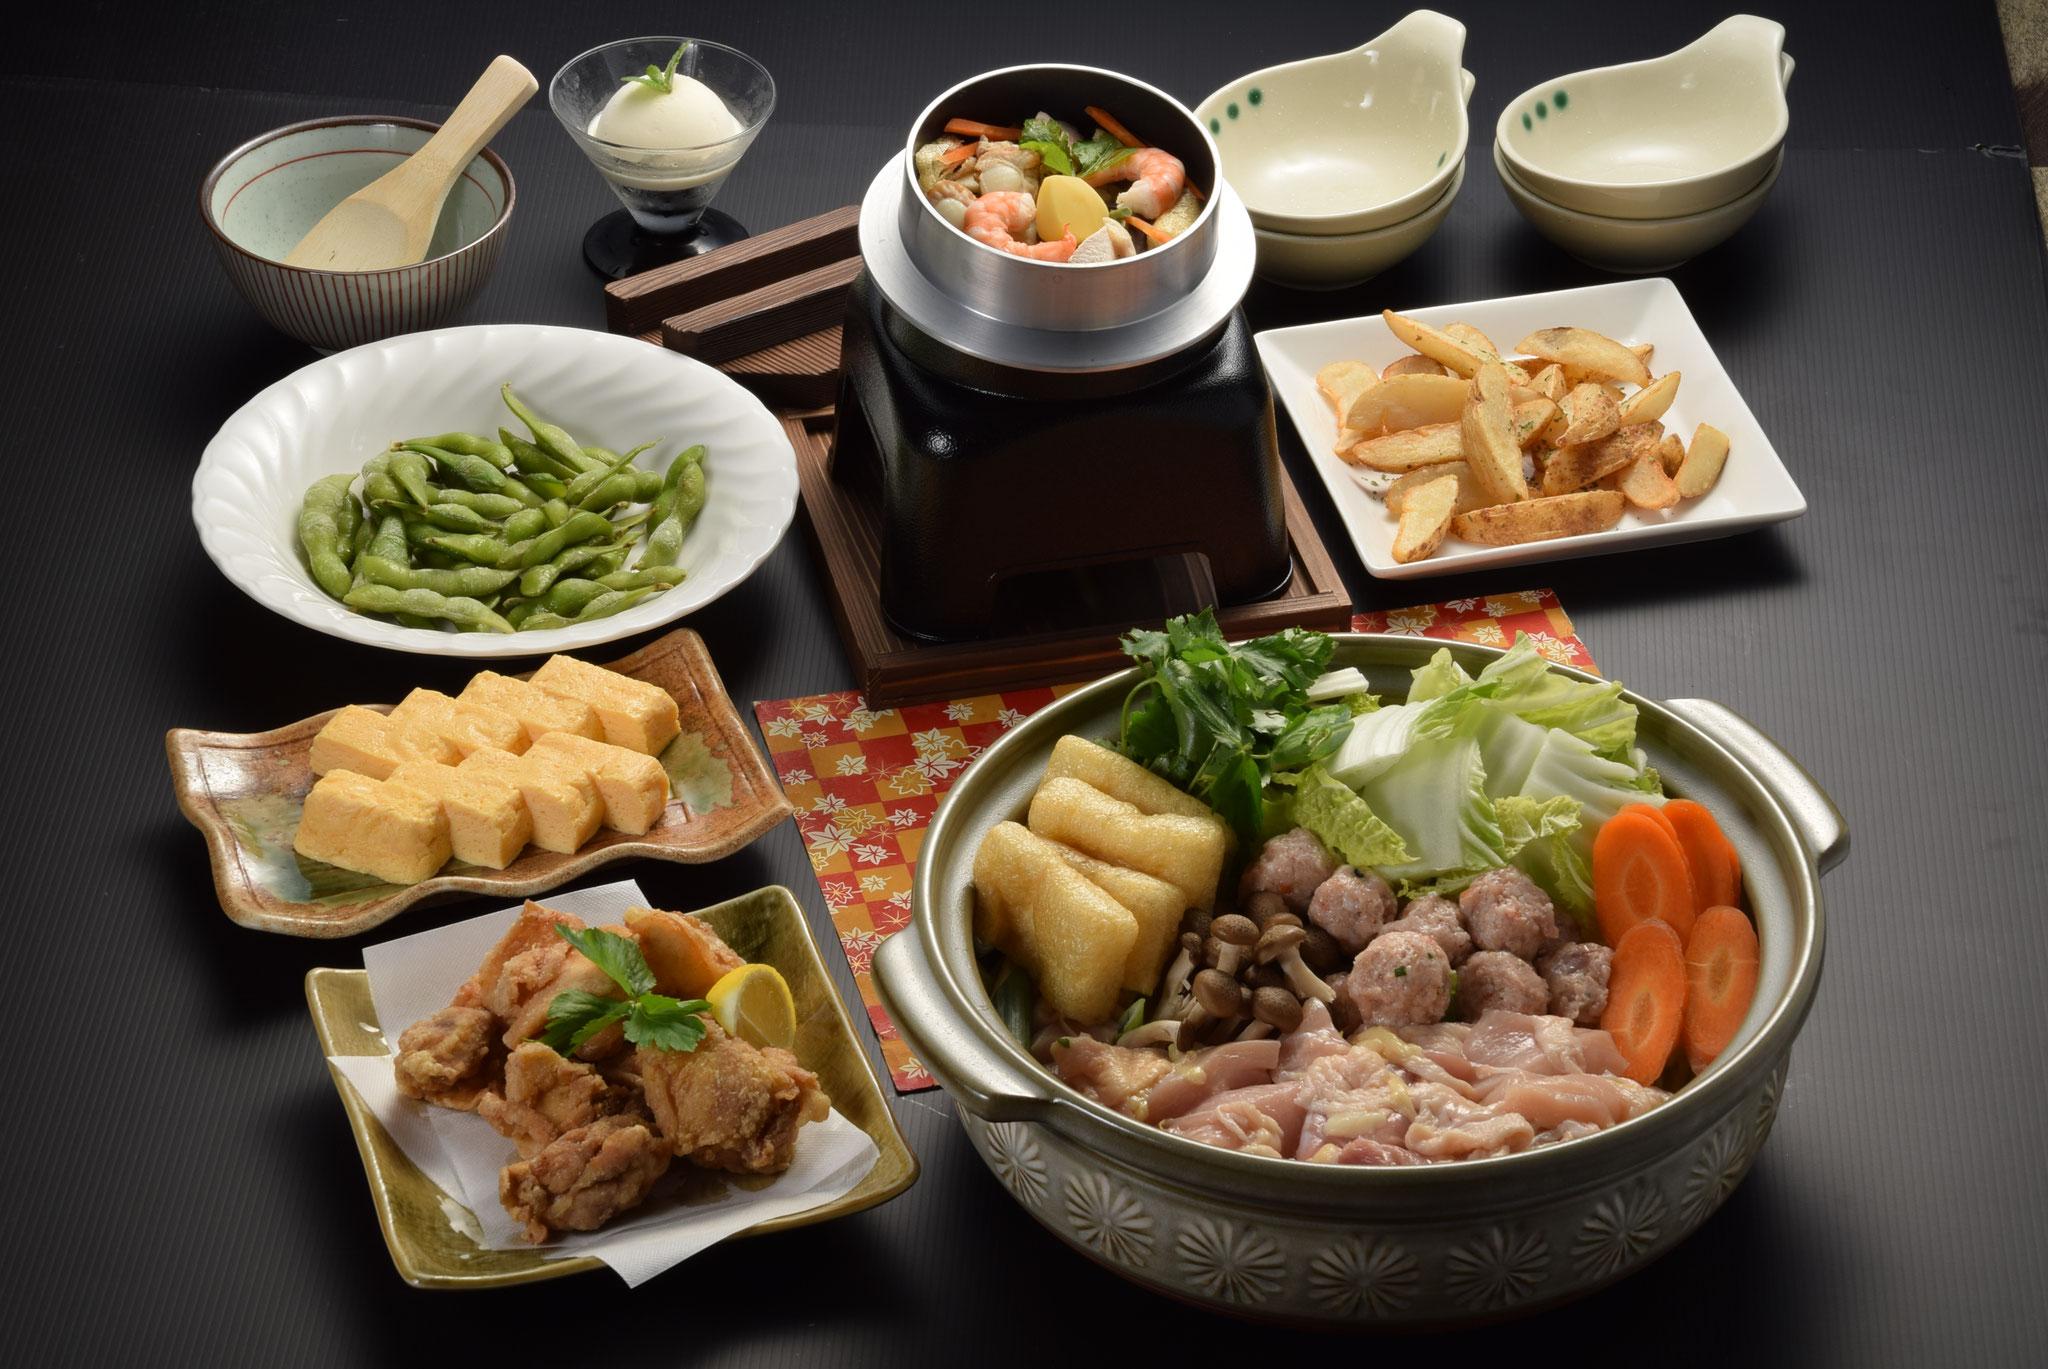 ①お鍋と釜飯(お鍋:水炊き/釜飯:五目or山菜 からお好きな組み合わせで)